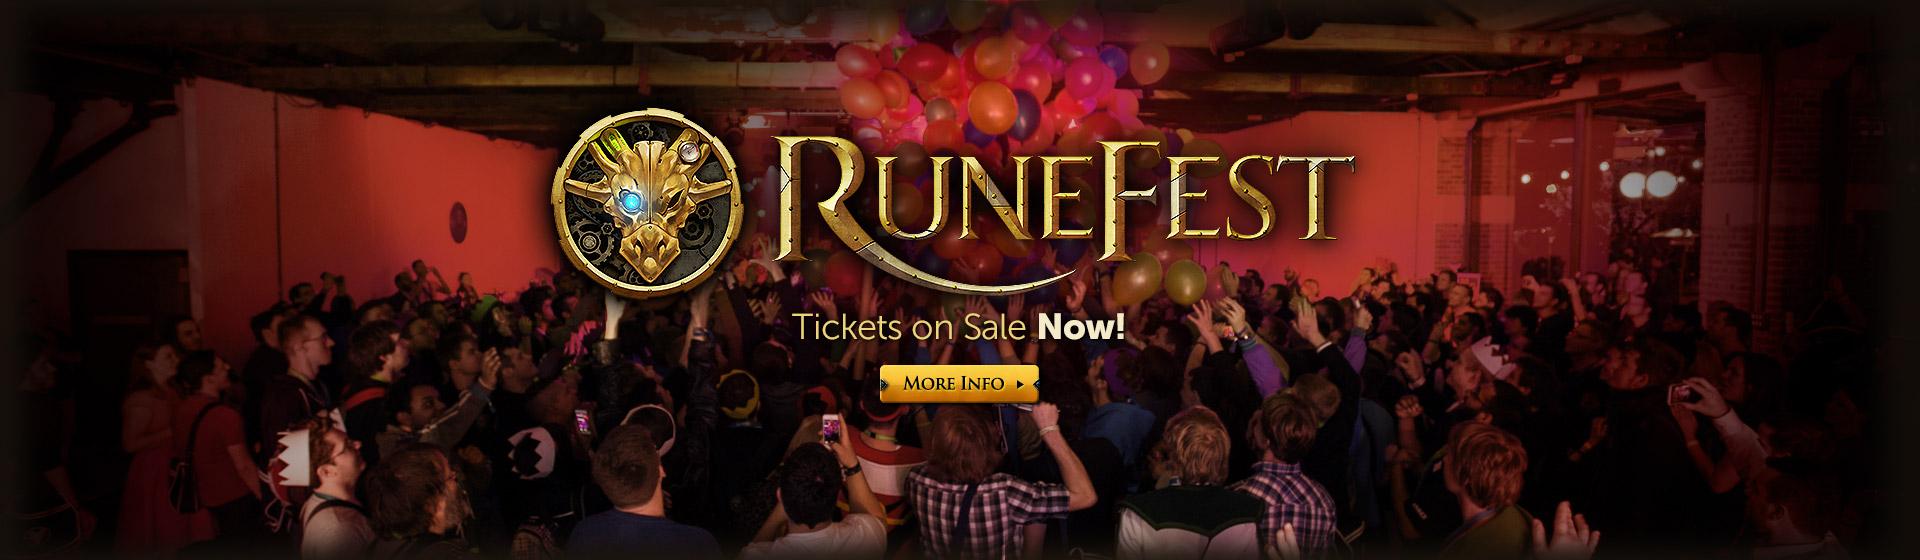 Runescape_Rotator_Tickets-on-sale_EN.jpg